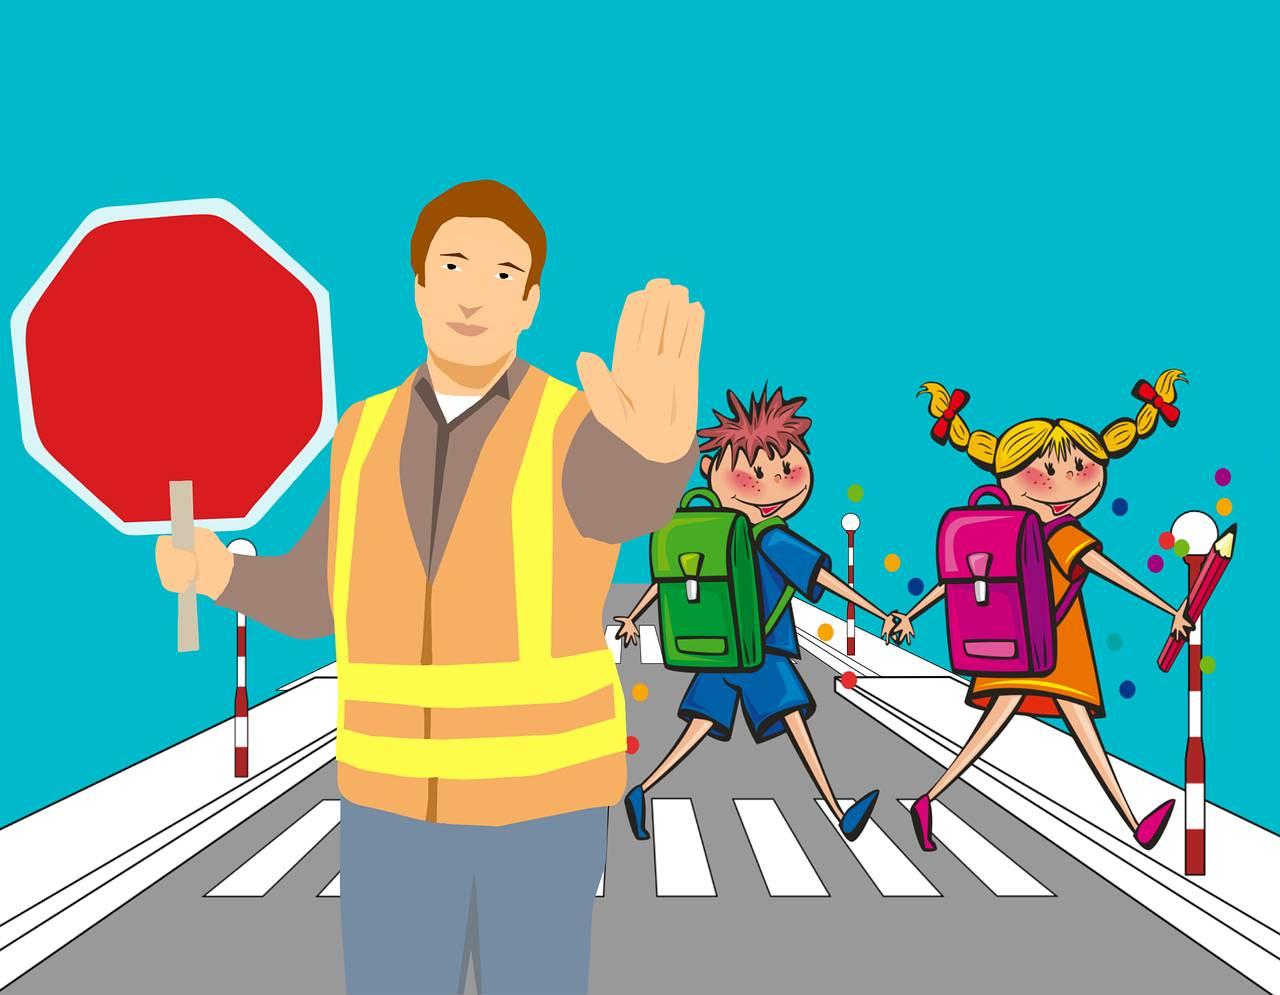 sicurezza stradale giovani bando Mit